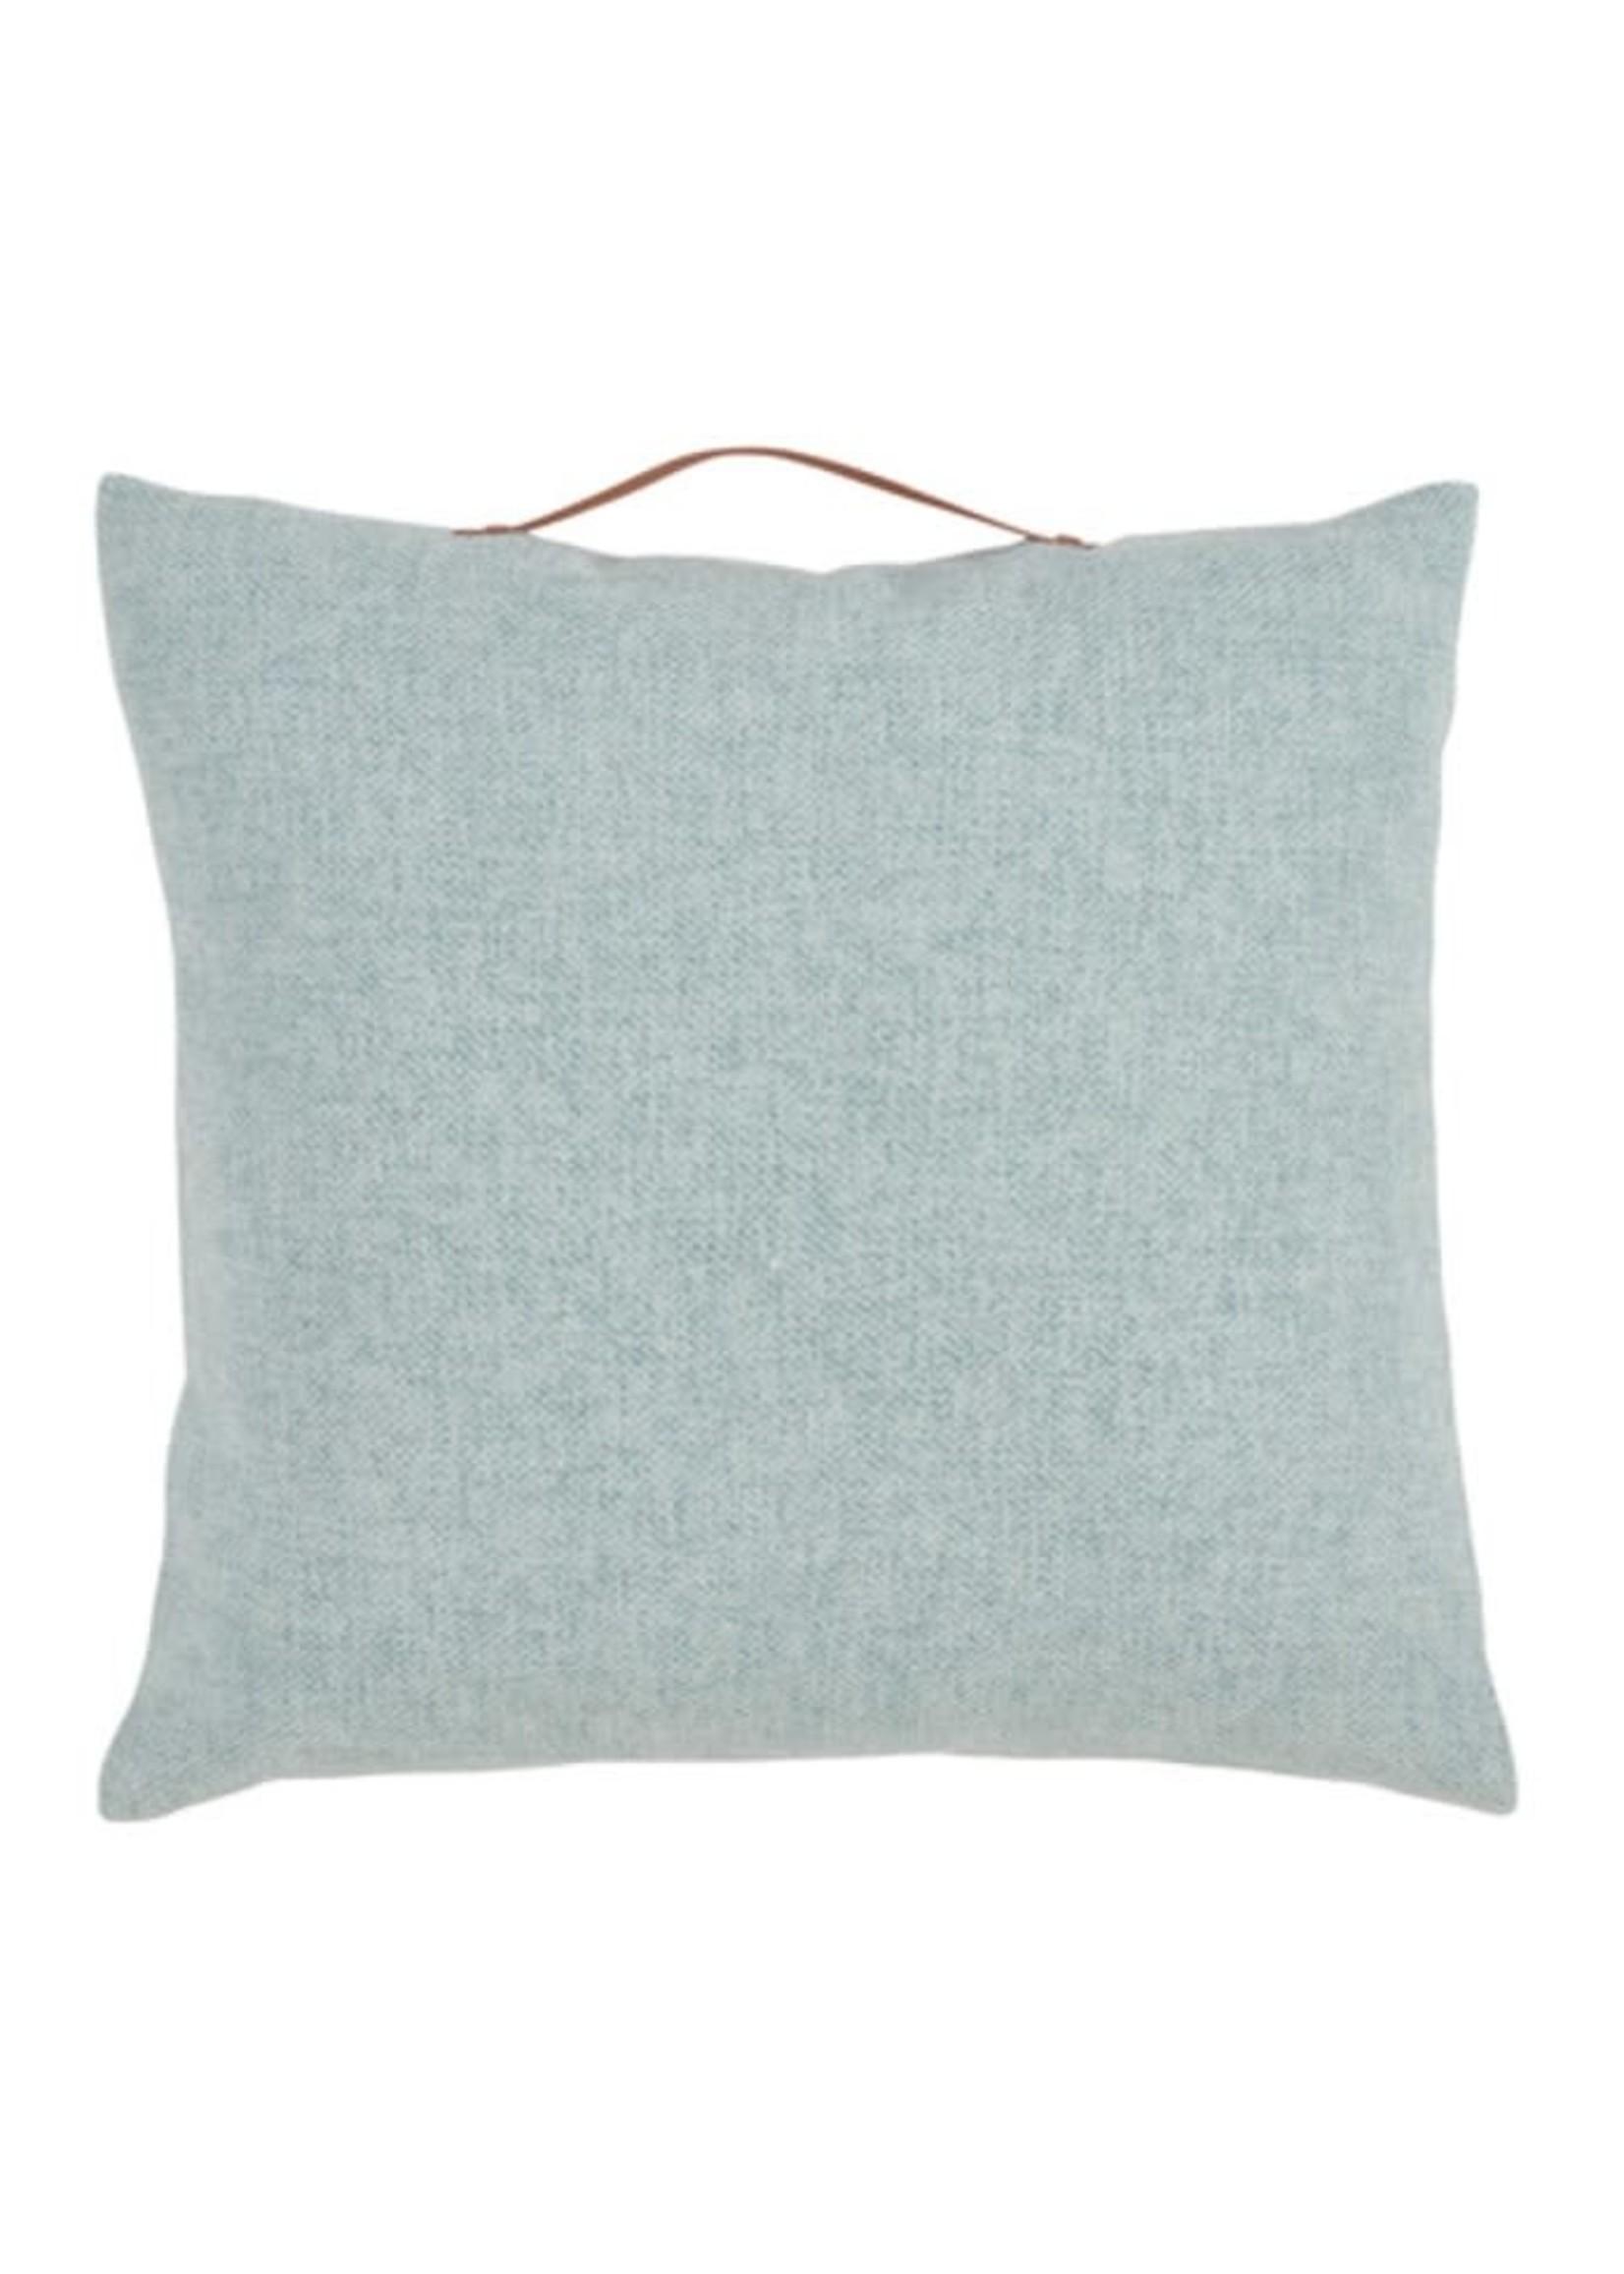 Saro SARO Chenille Pillow w/Handle Poly Filled - Aqua